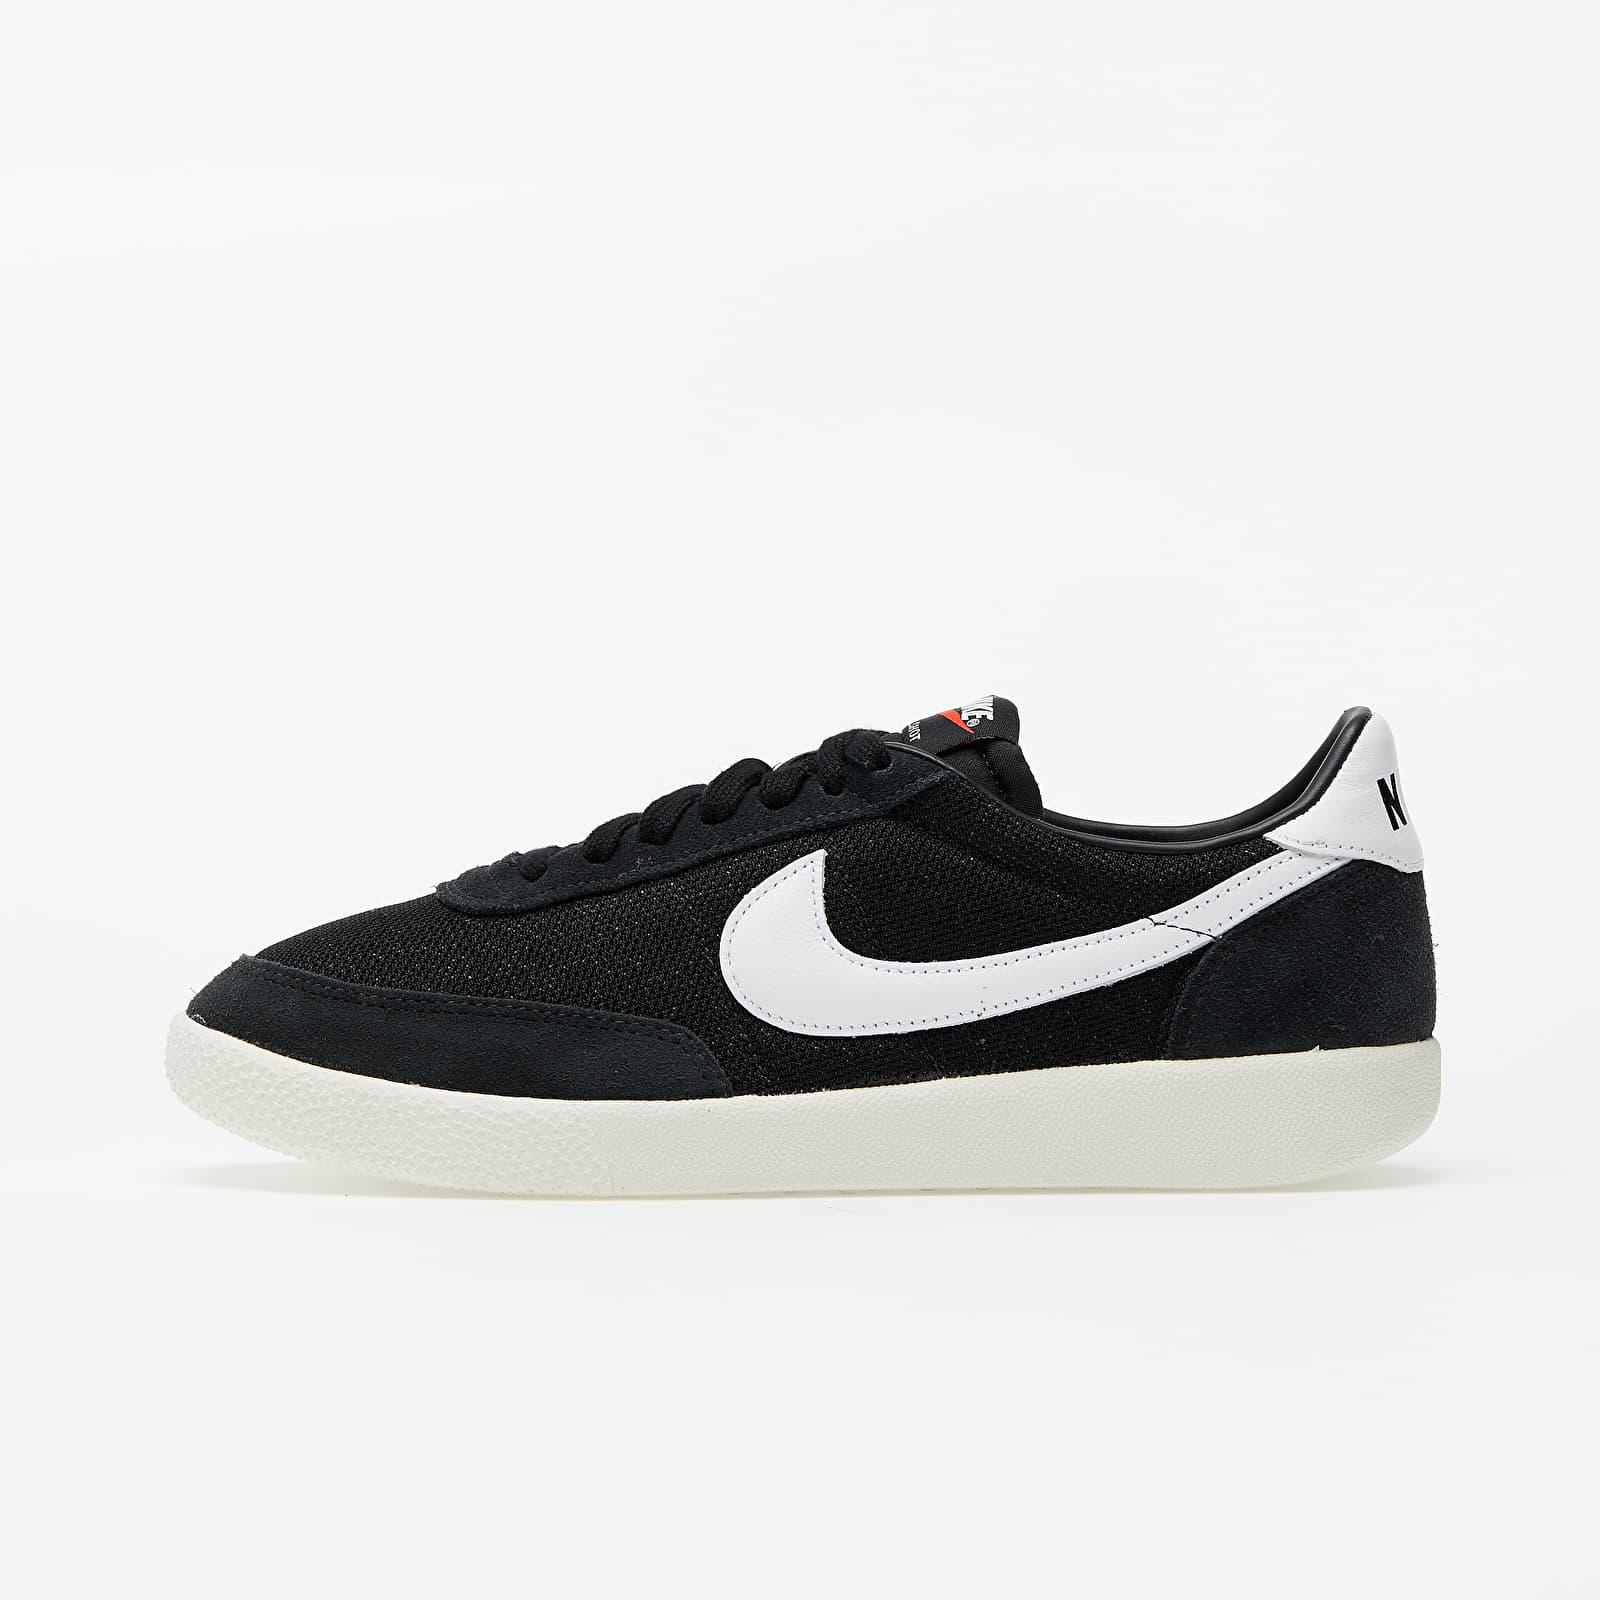 Men's shoes Nike Killshot OG Black/ White-Sail-Team Orange